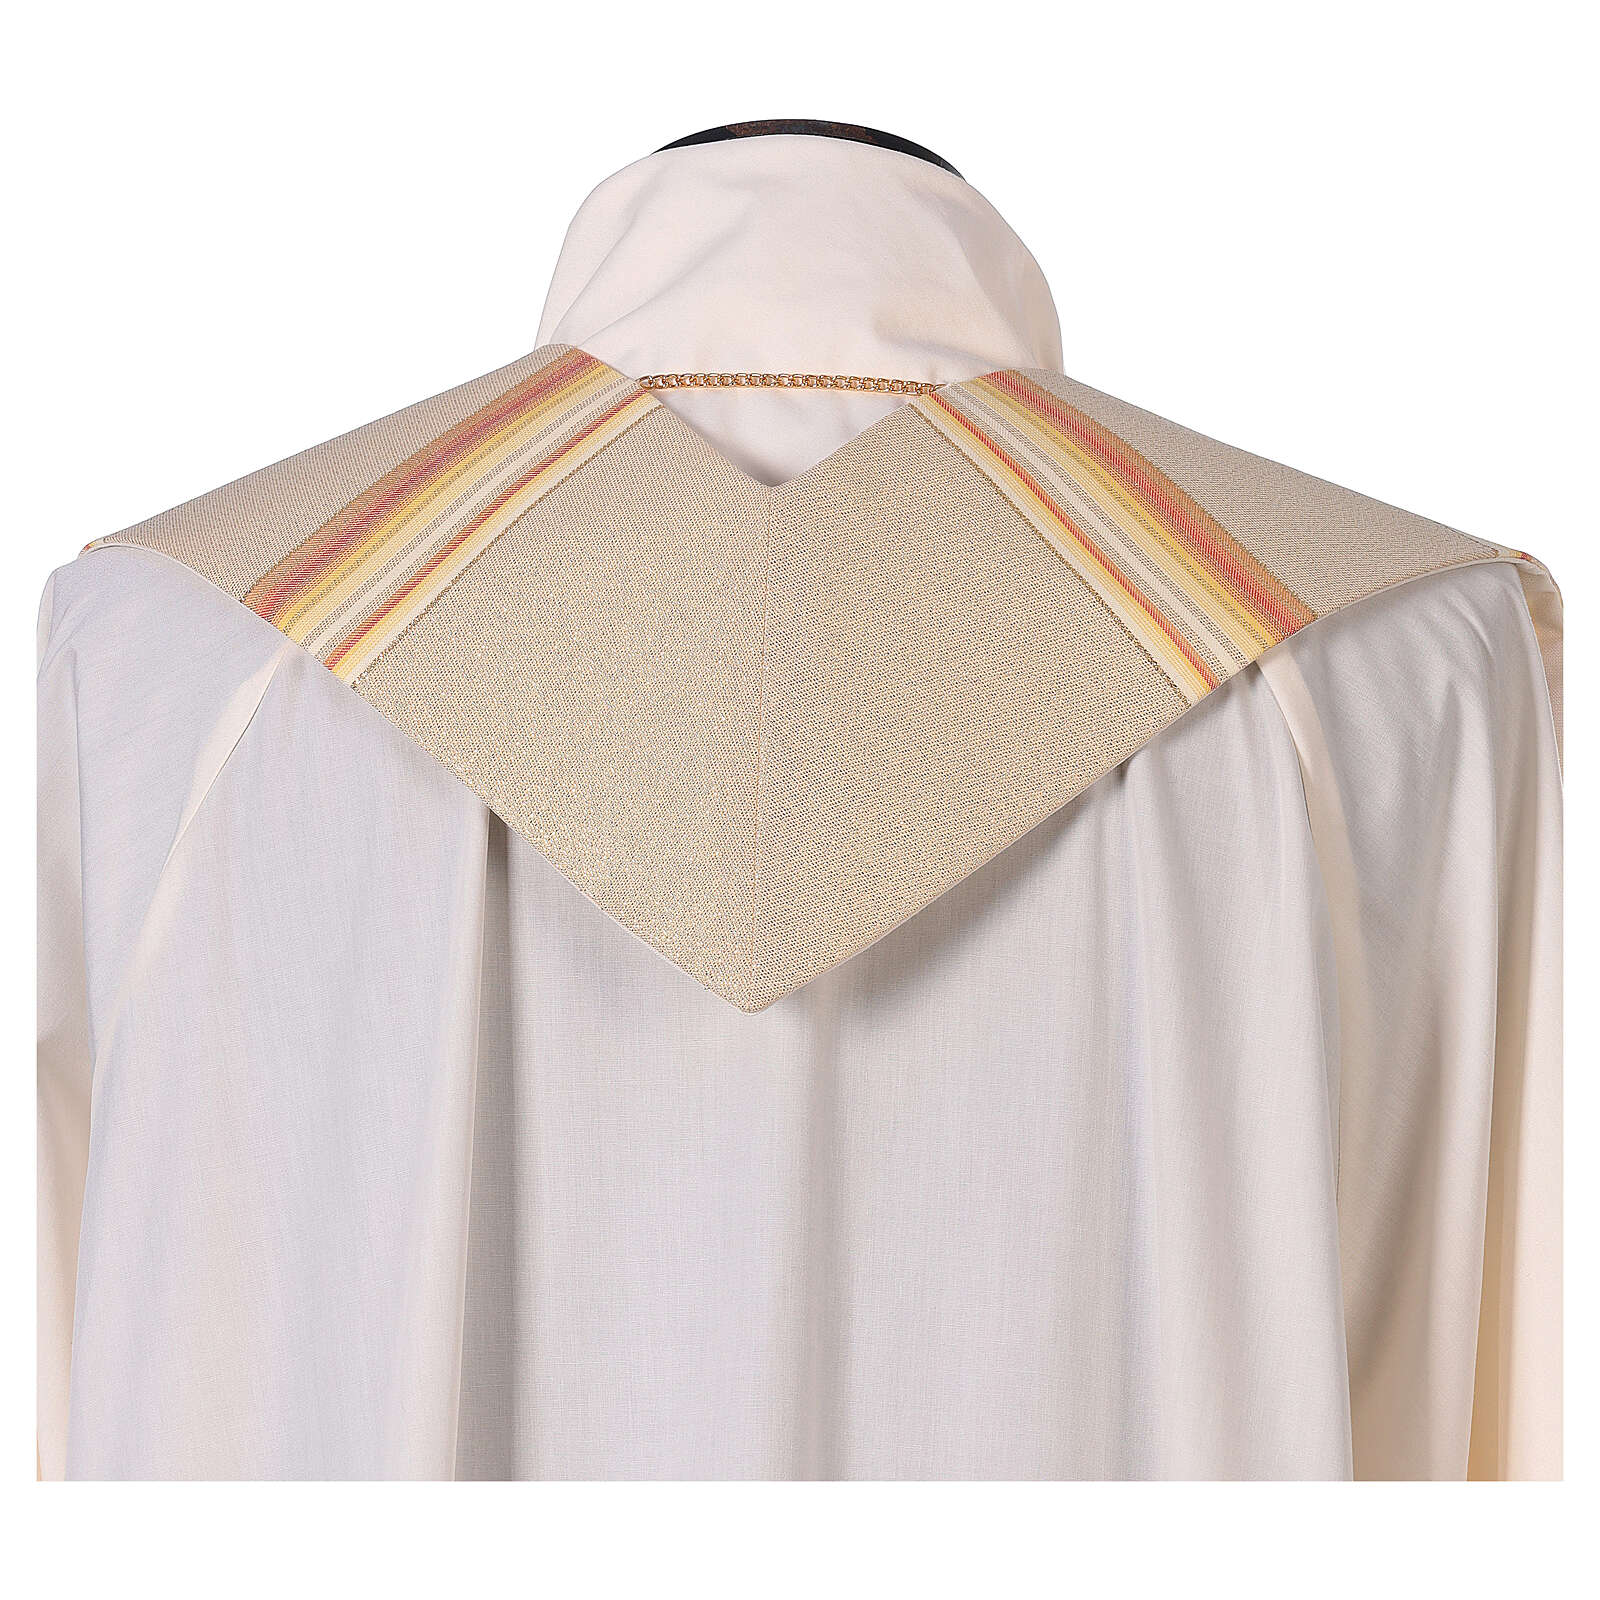 STOCK Étole liturgique en dégradé tons orange et or 100% polyester 4